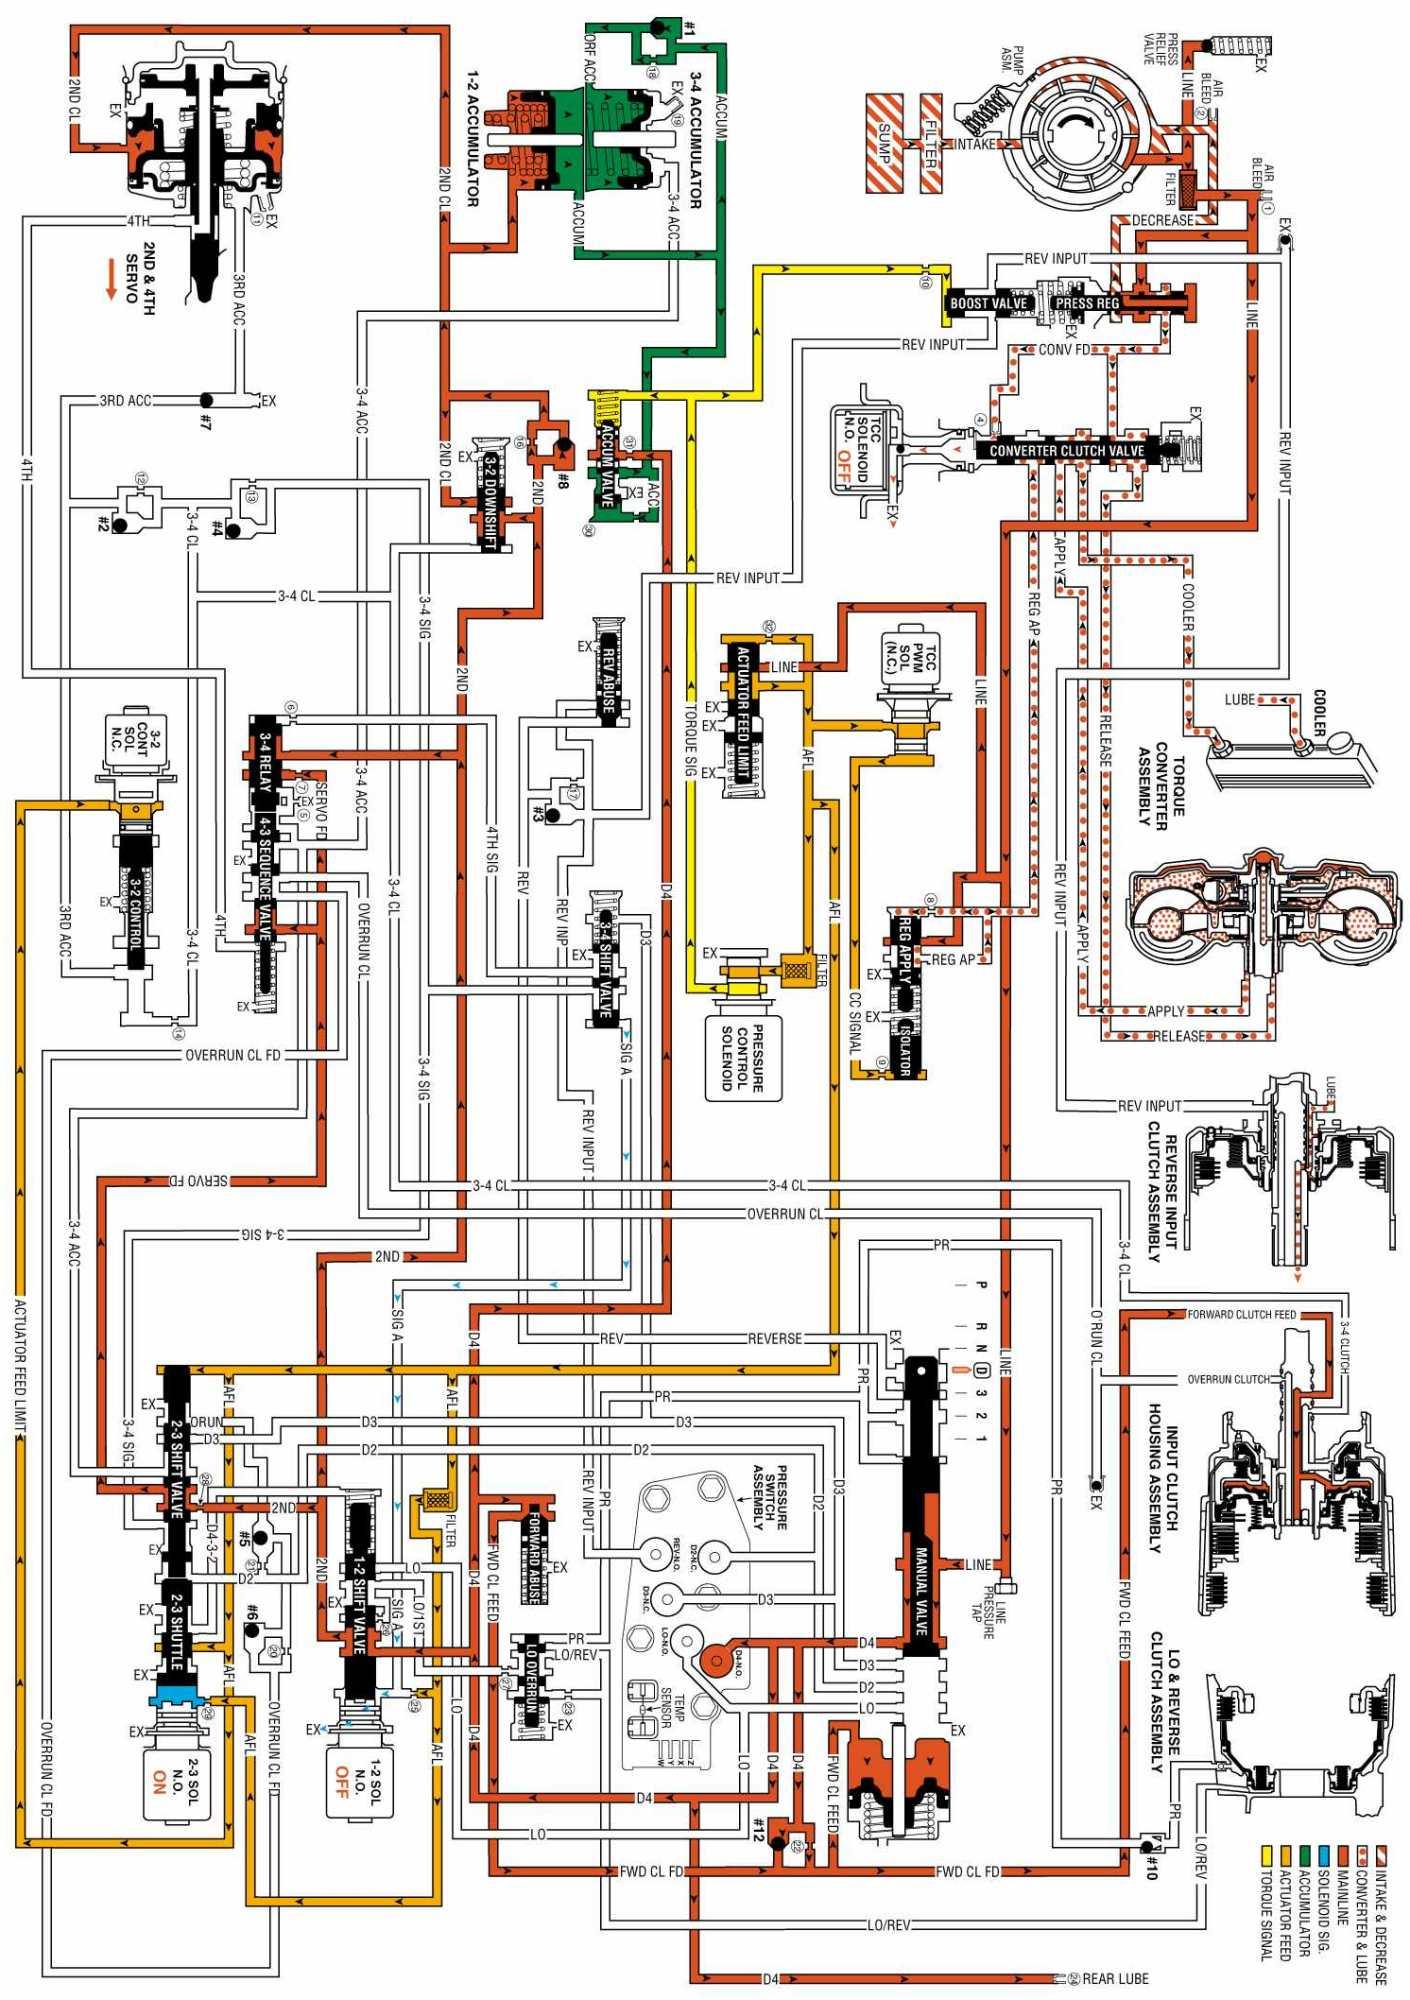 SilveradoSierra • Potential 4L60E issue